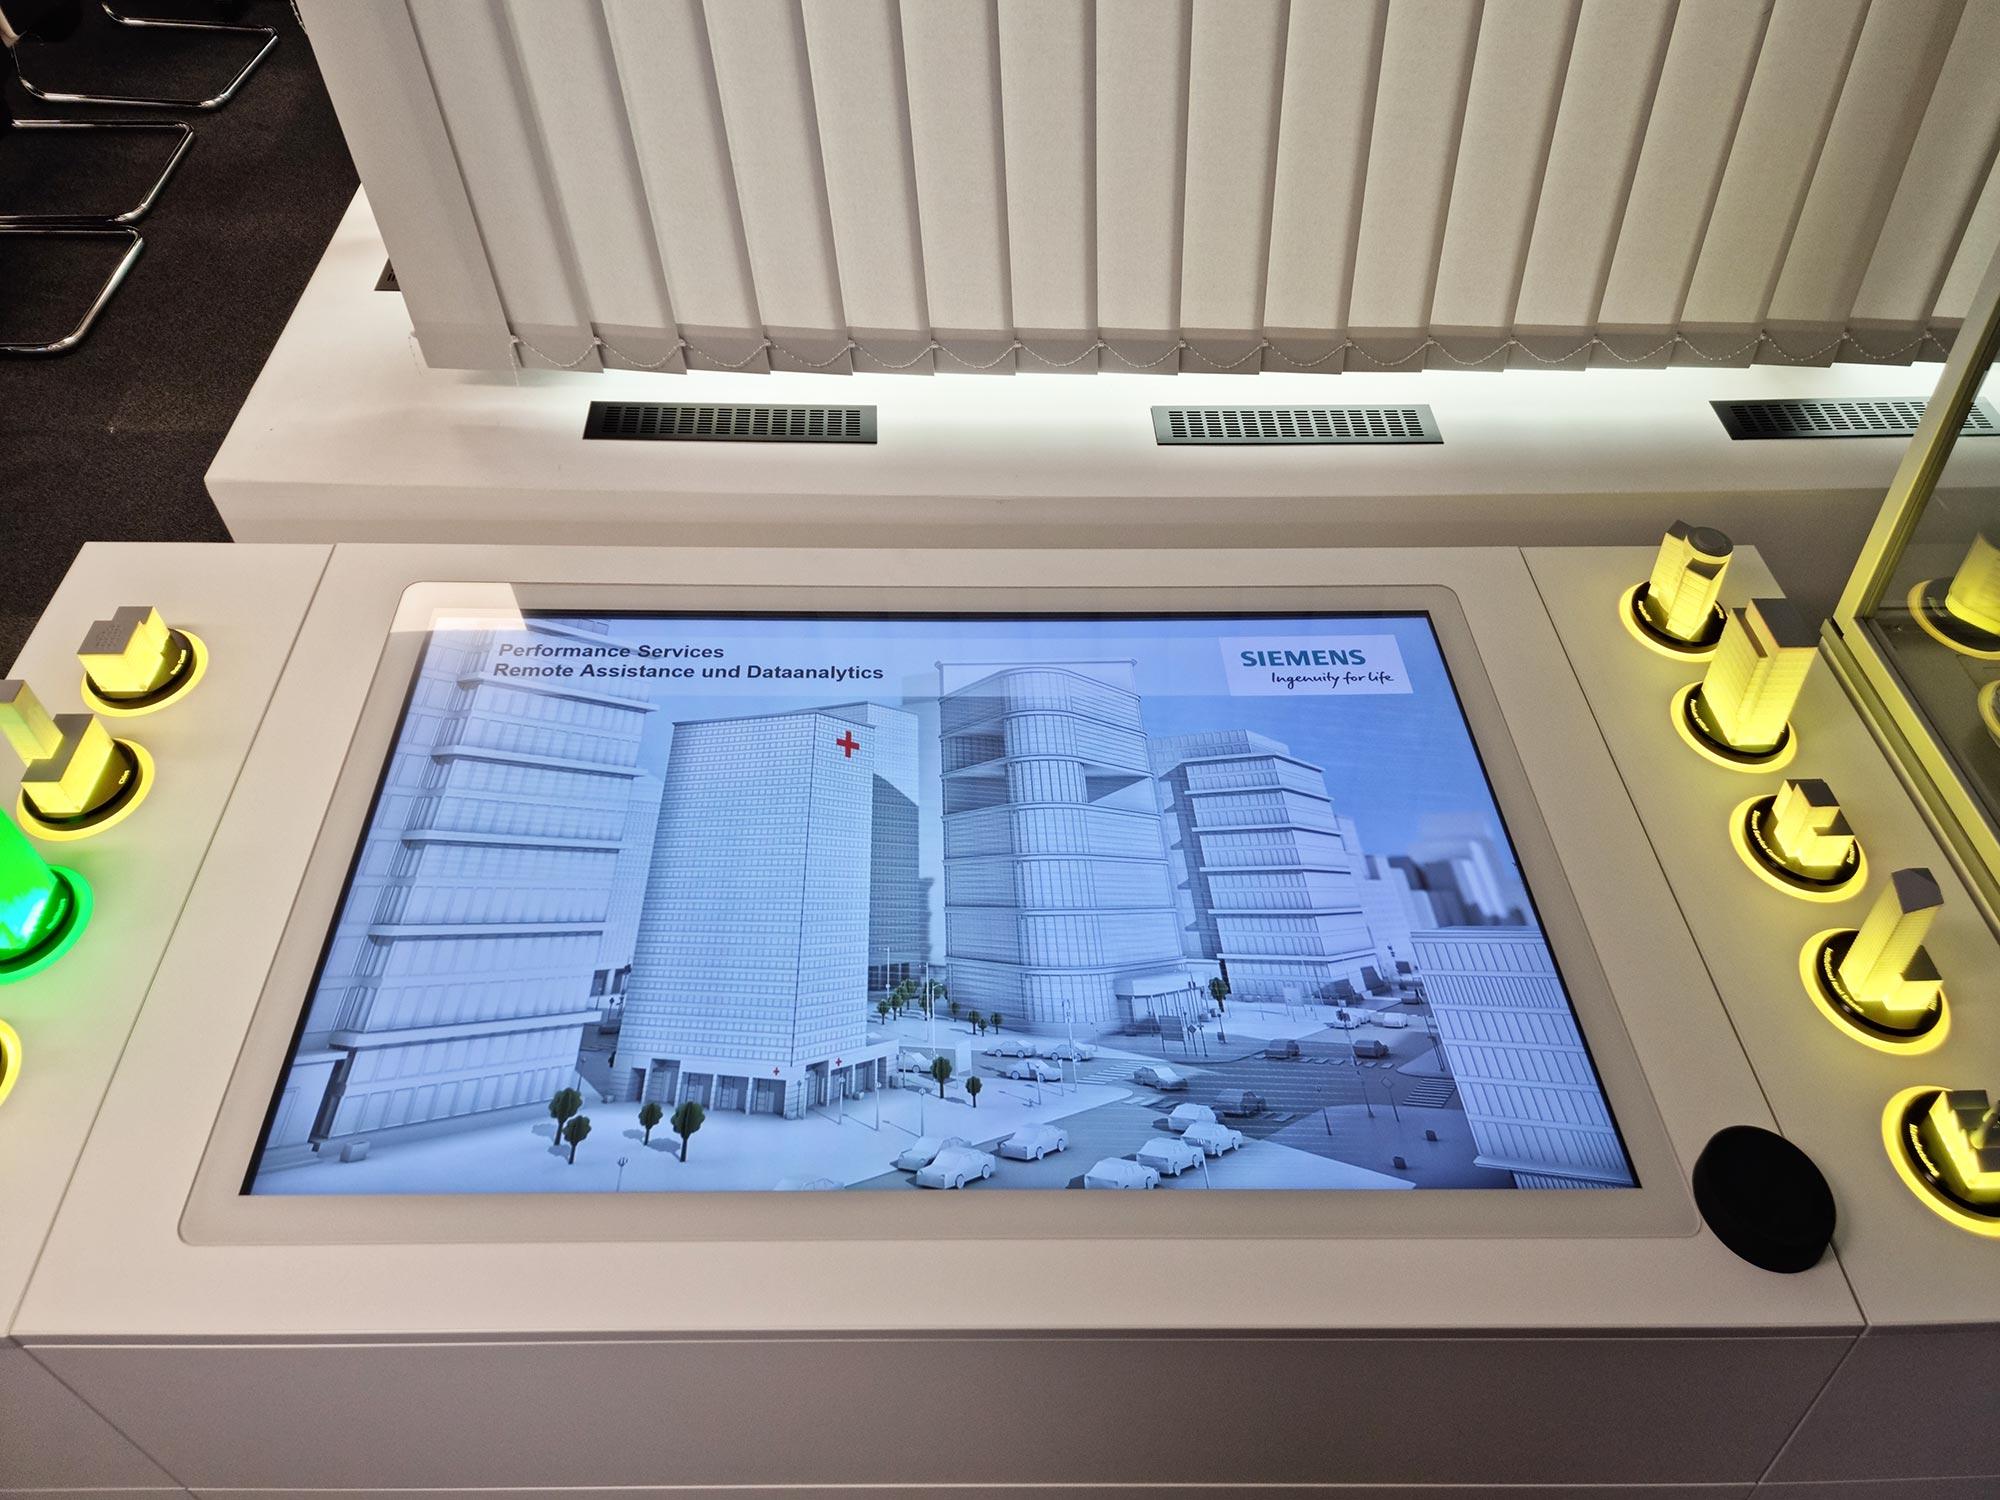 Siemens Remote Services und Data Analytics